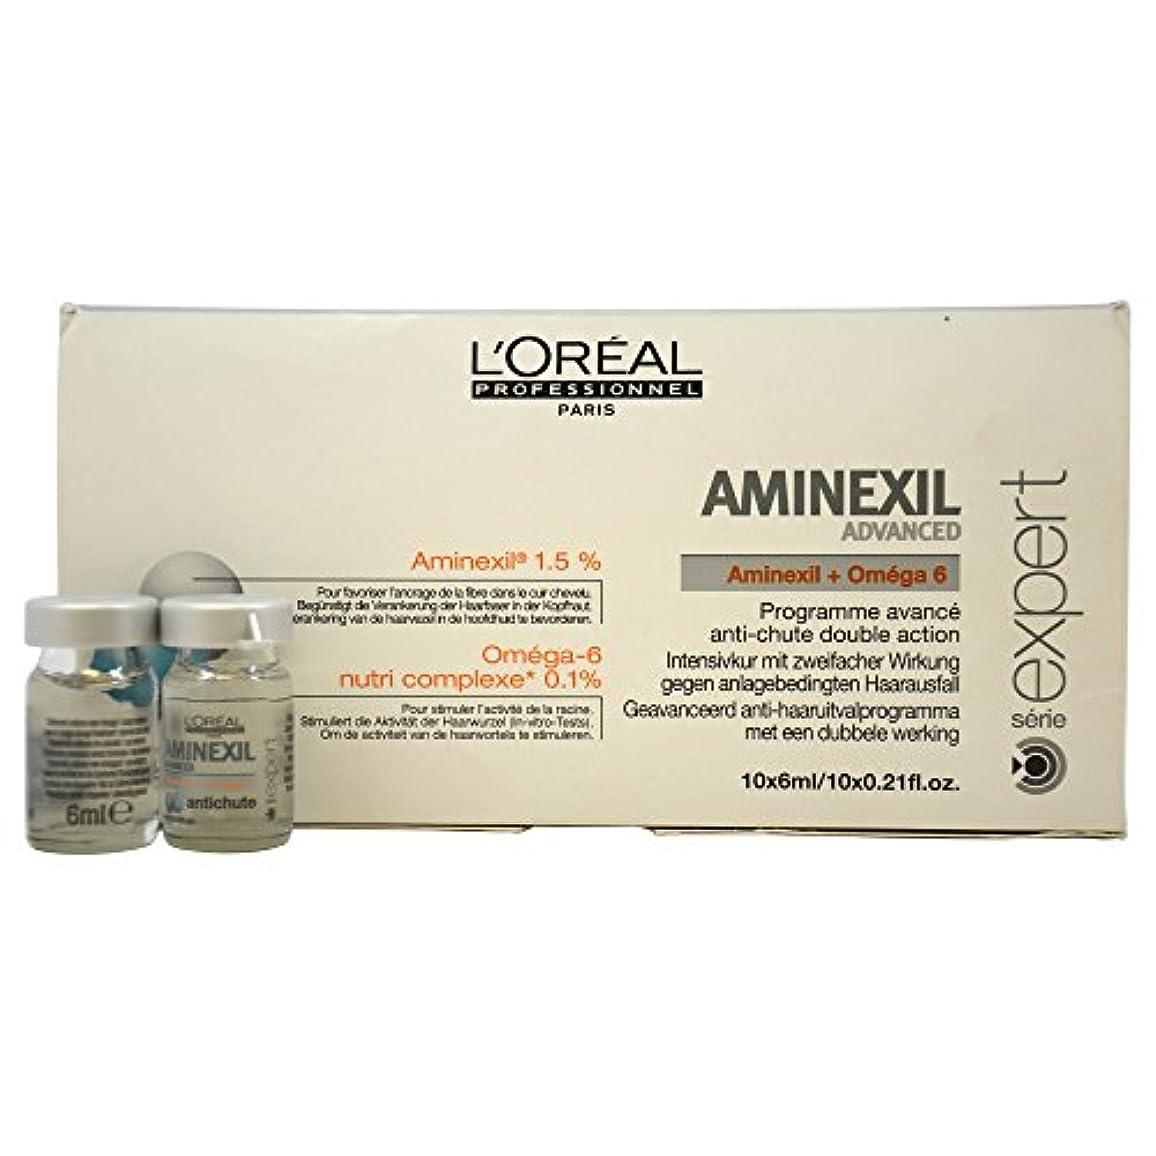 部分的に組み込む場合ロレアル エキスパート ア三ネクシル コントロール 10個 L'Oreal Expert Aminexil Control 10 Units Advanced [並行輸入品]